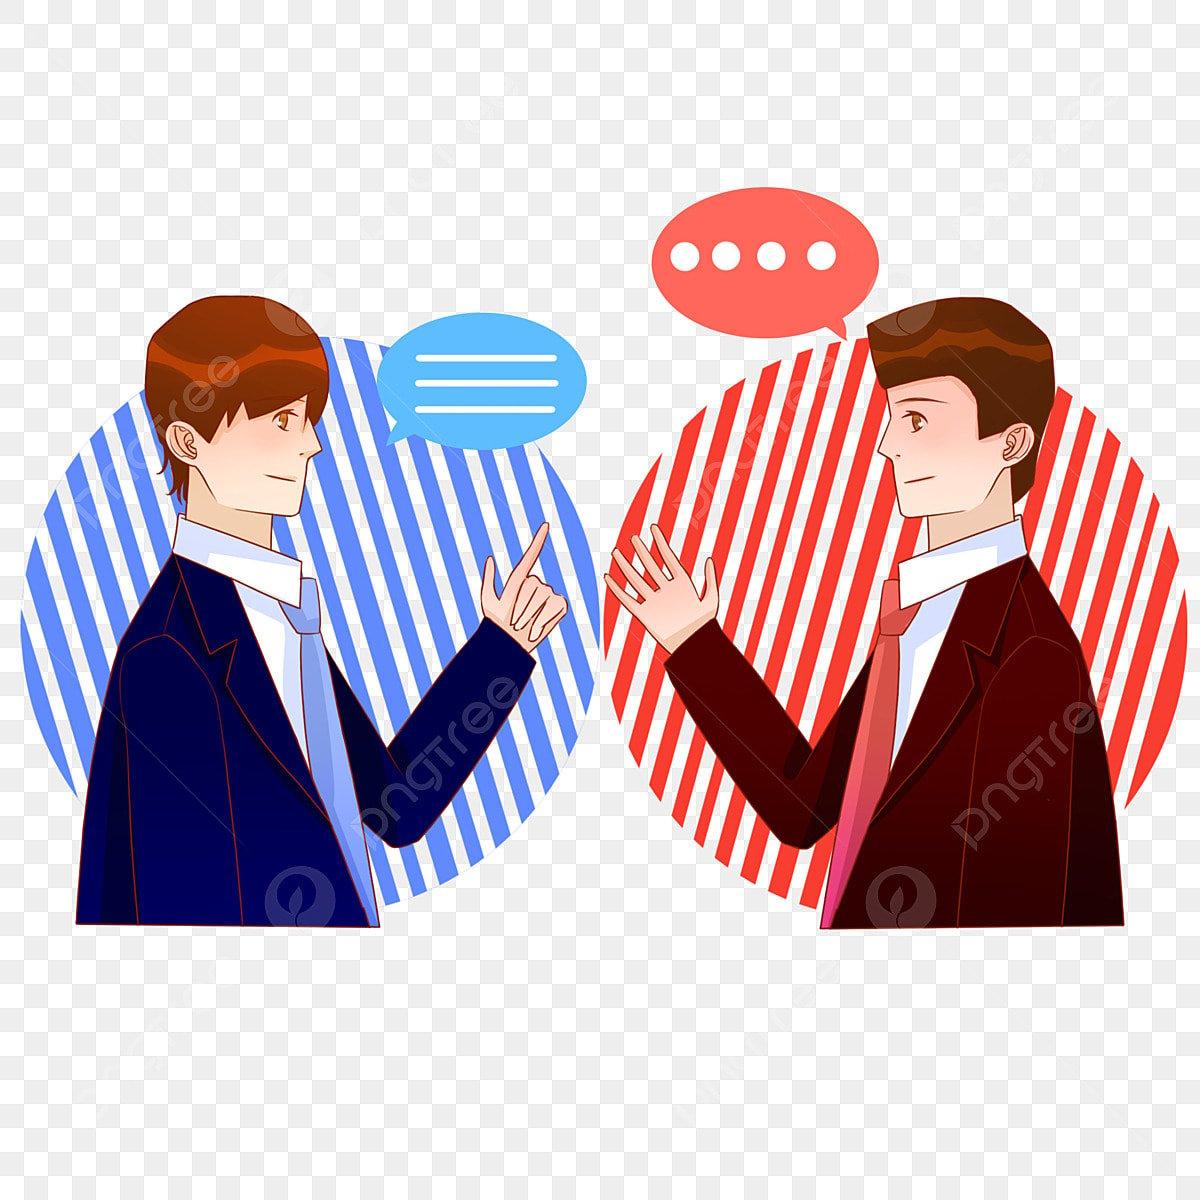 Debate Cartoon Images, Stock Photos & Vectors | Shutterstock